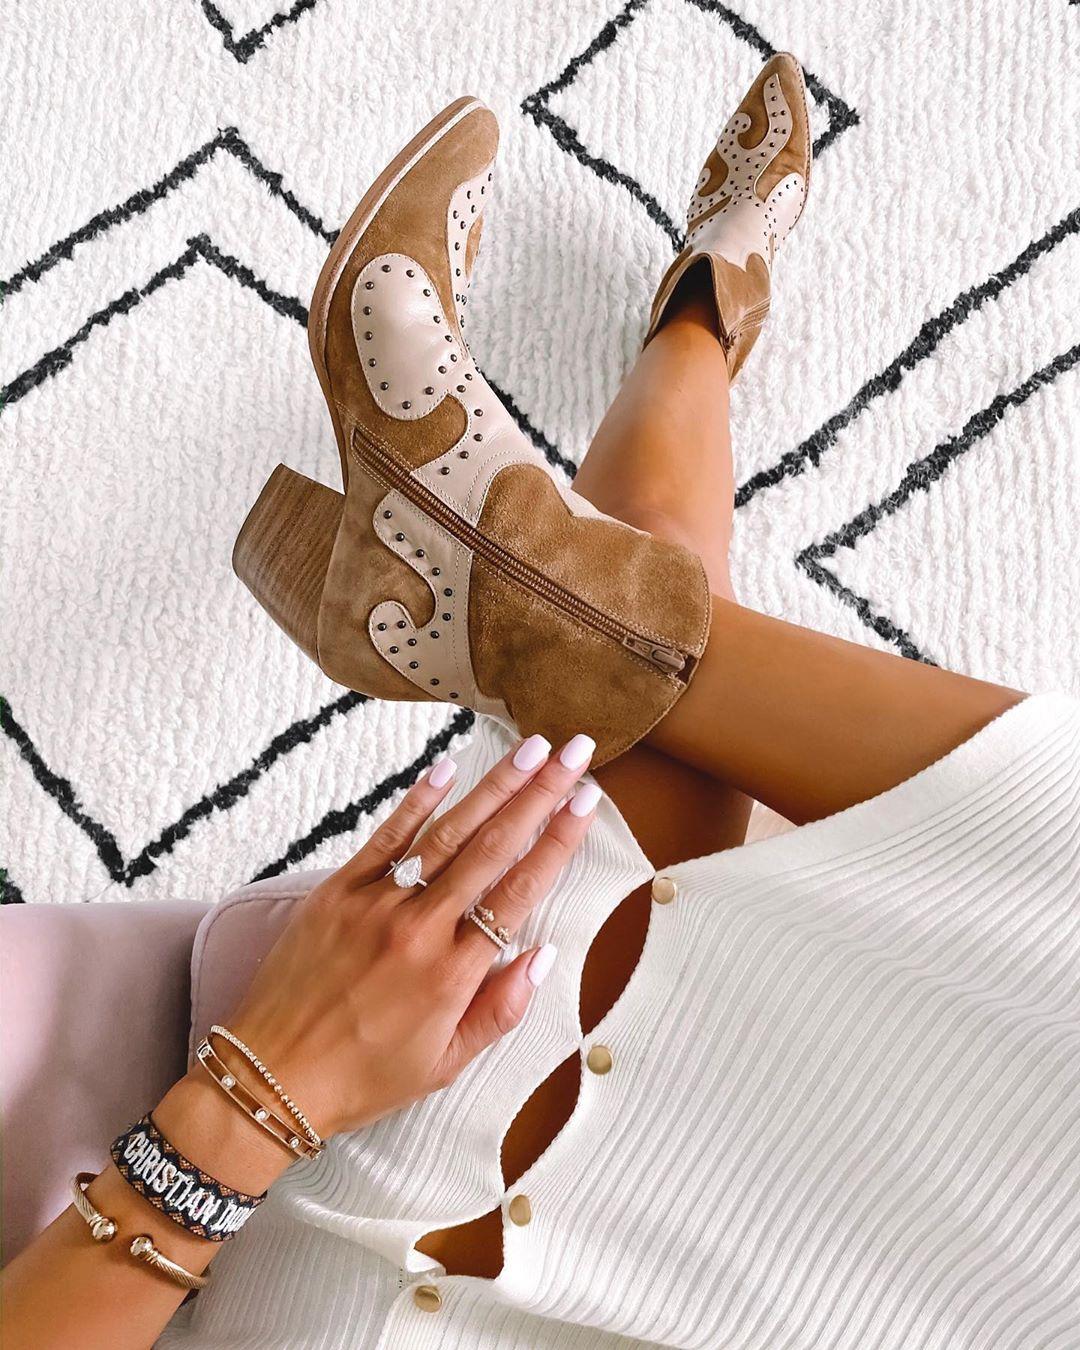 Осенняя обувь: 7 комфортных моделей на каждый день. Казаки